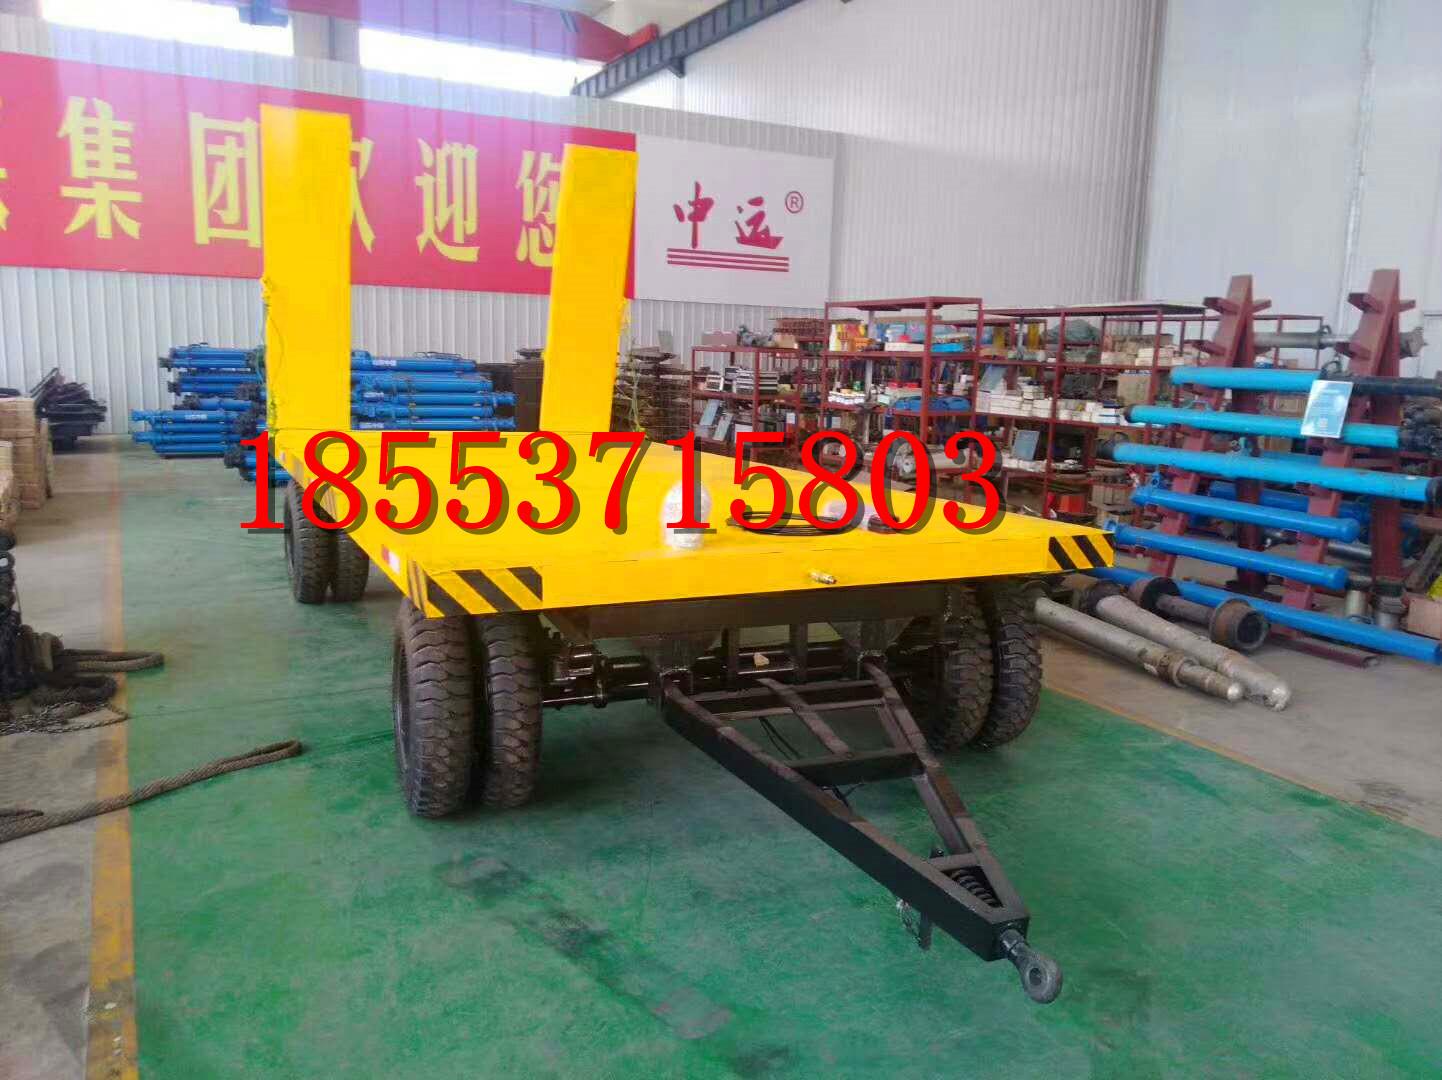 中运非标定制5T平板拖车  平板车  拖车  挂车 厂家直销